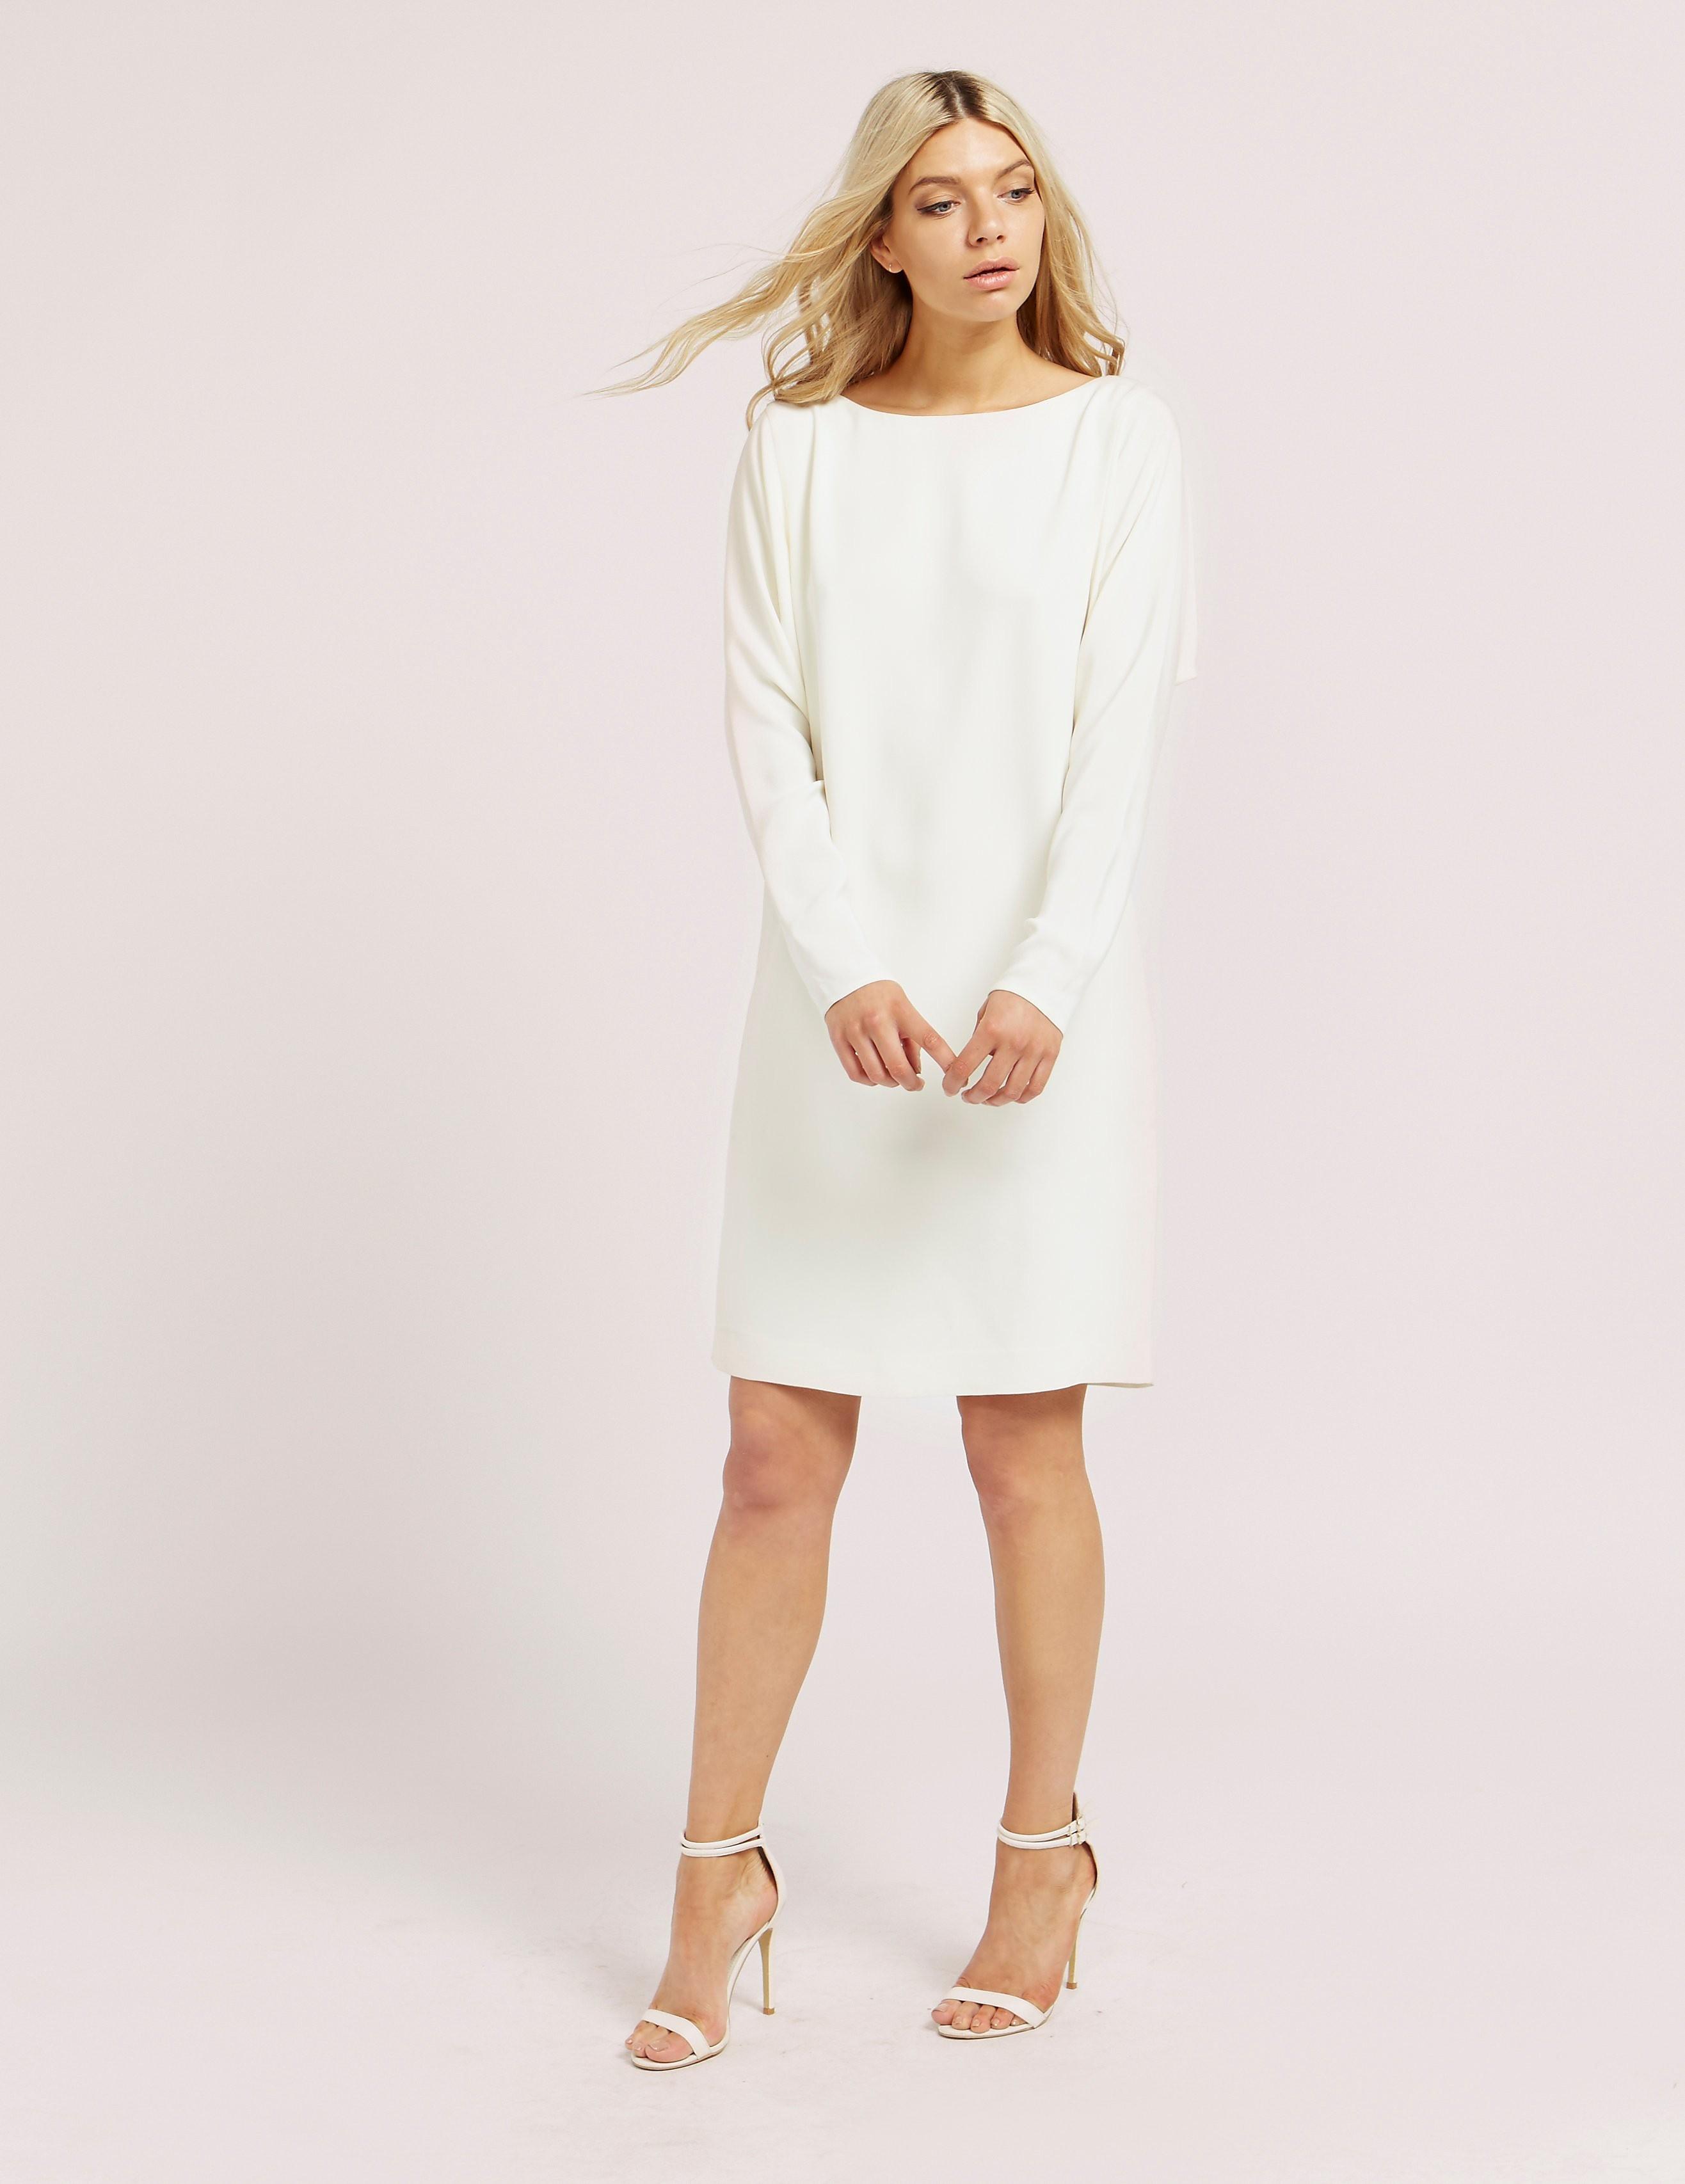 Polo Ralph Lauren Long Sleeve Shift Dress